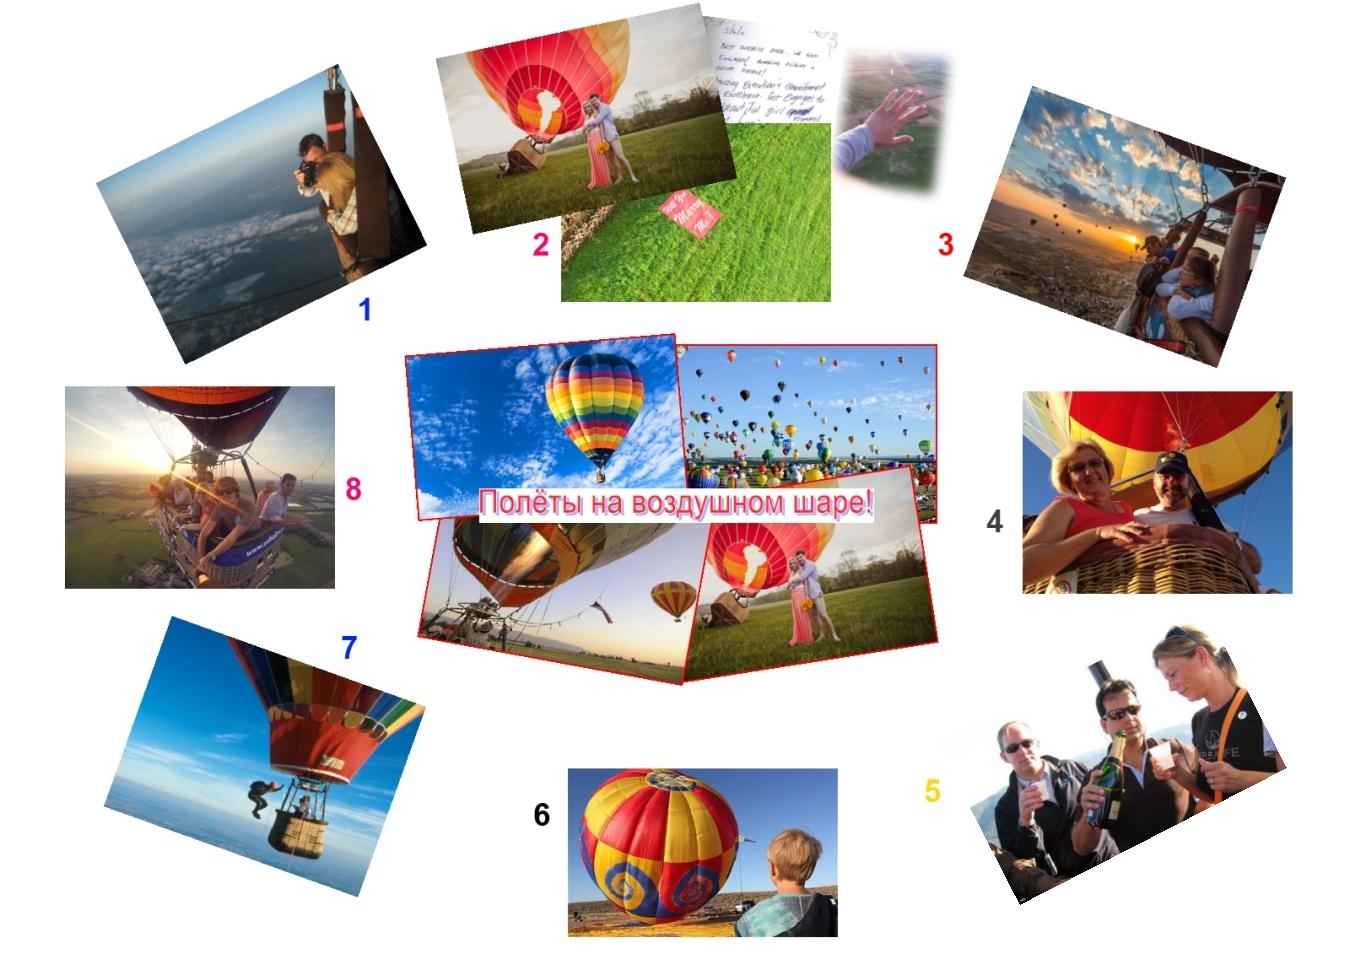 Как повысить продажи в сфере полётов на воздушных шарах